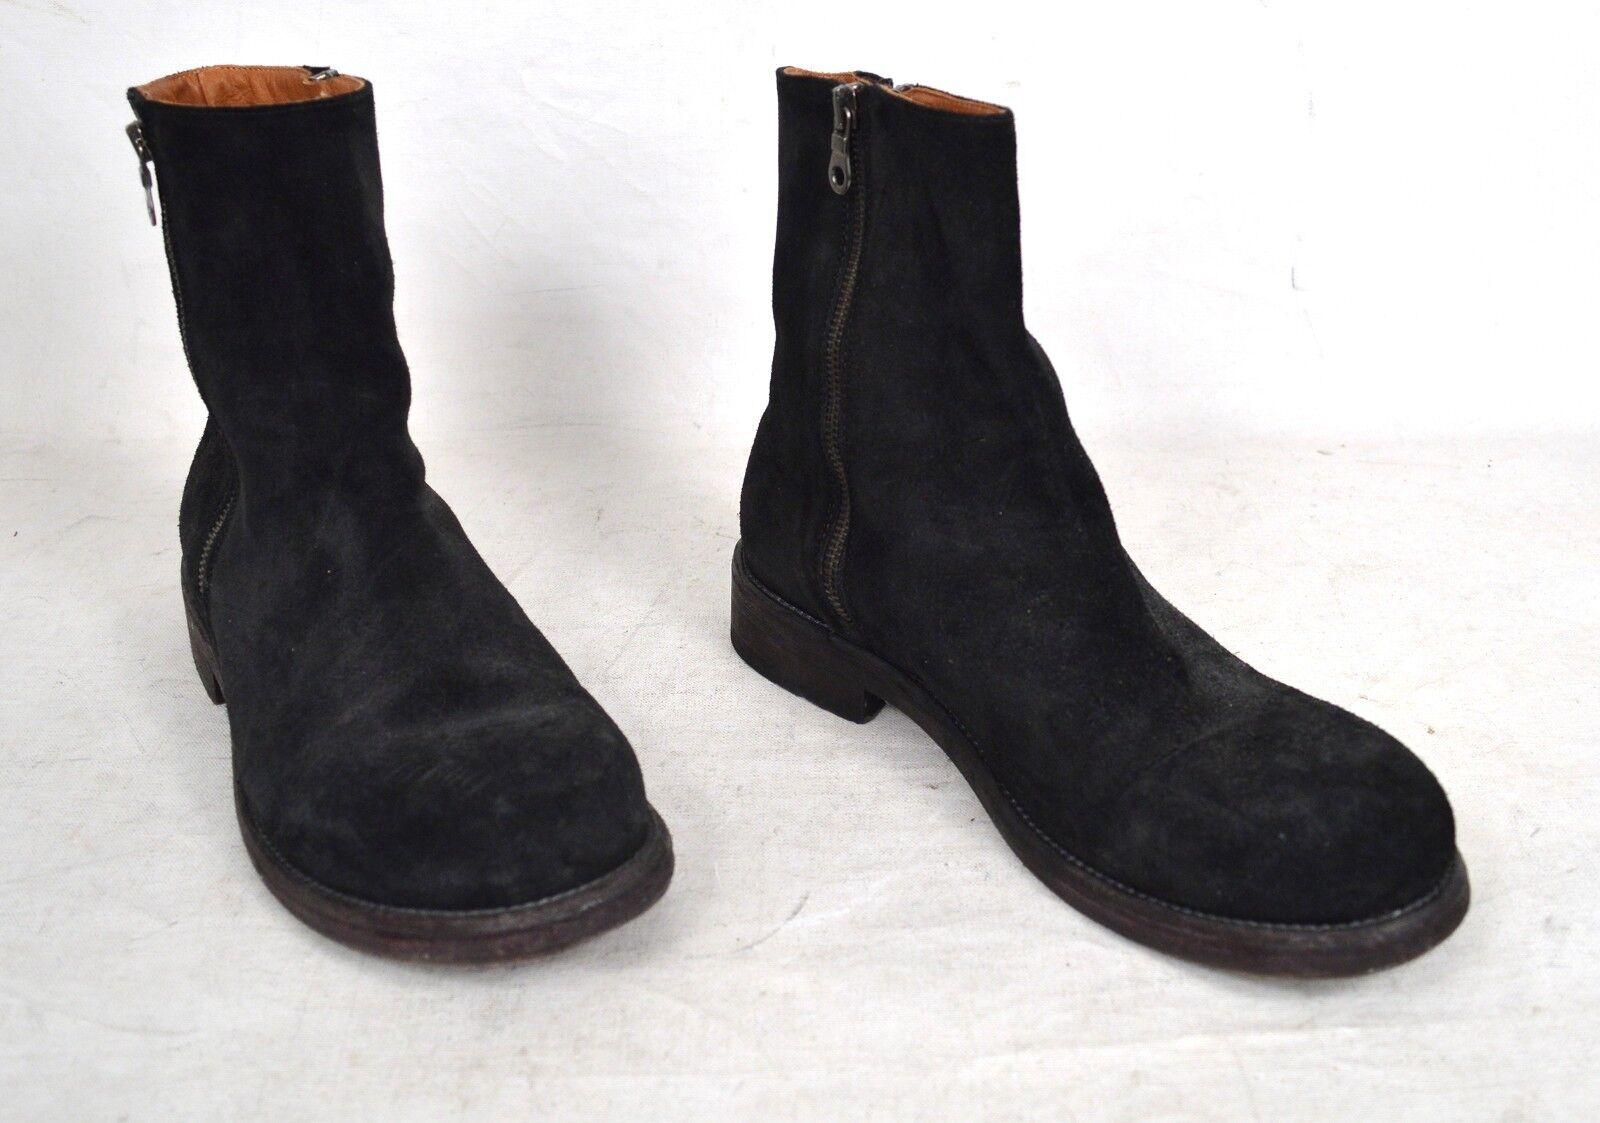 Barneys nouveau York Bottes en daim noir taille Zip Cheville 8.5 M pour homme